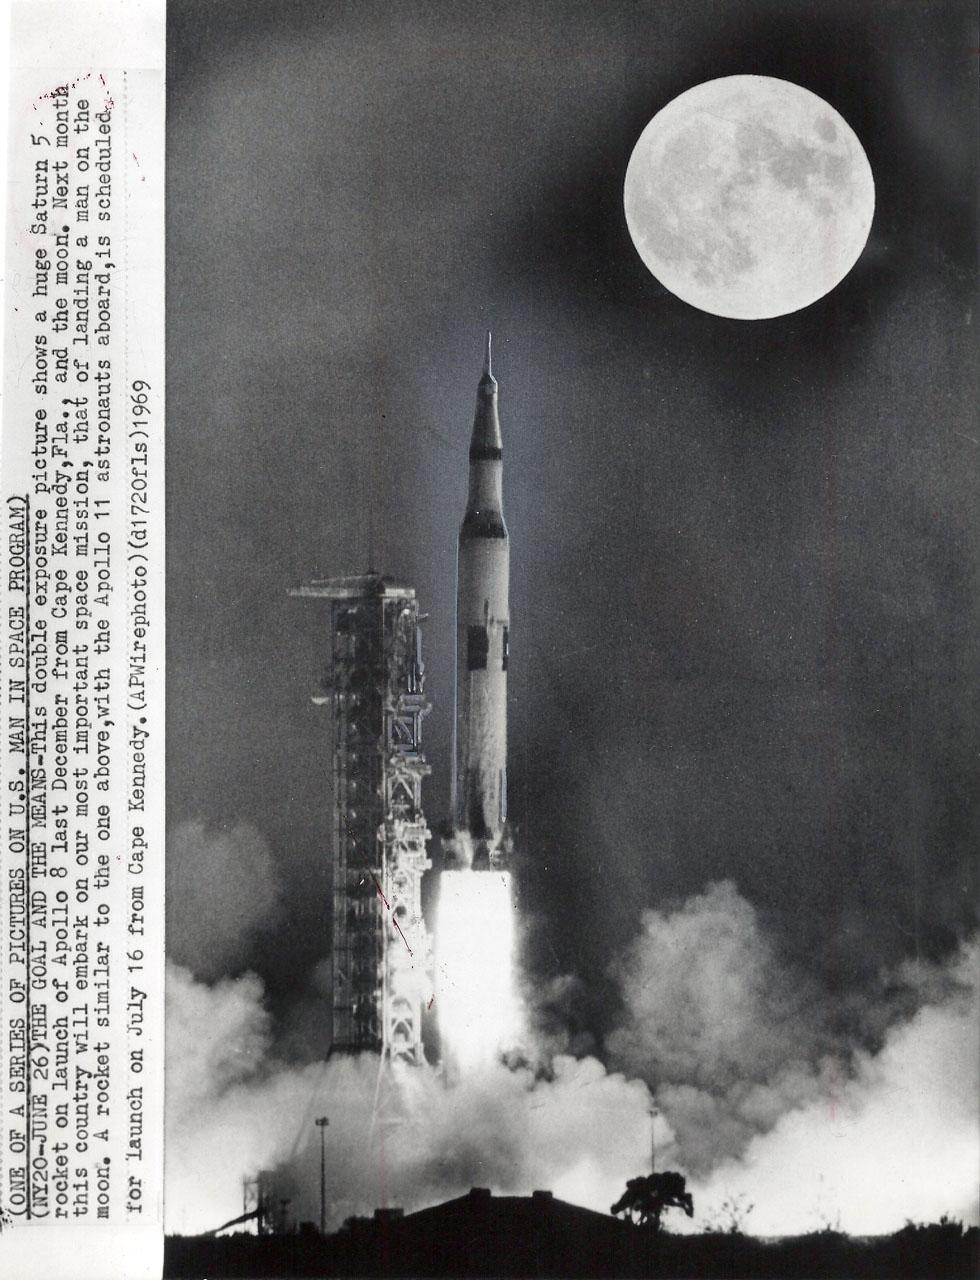 apollo 8 landing - photo #35